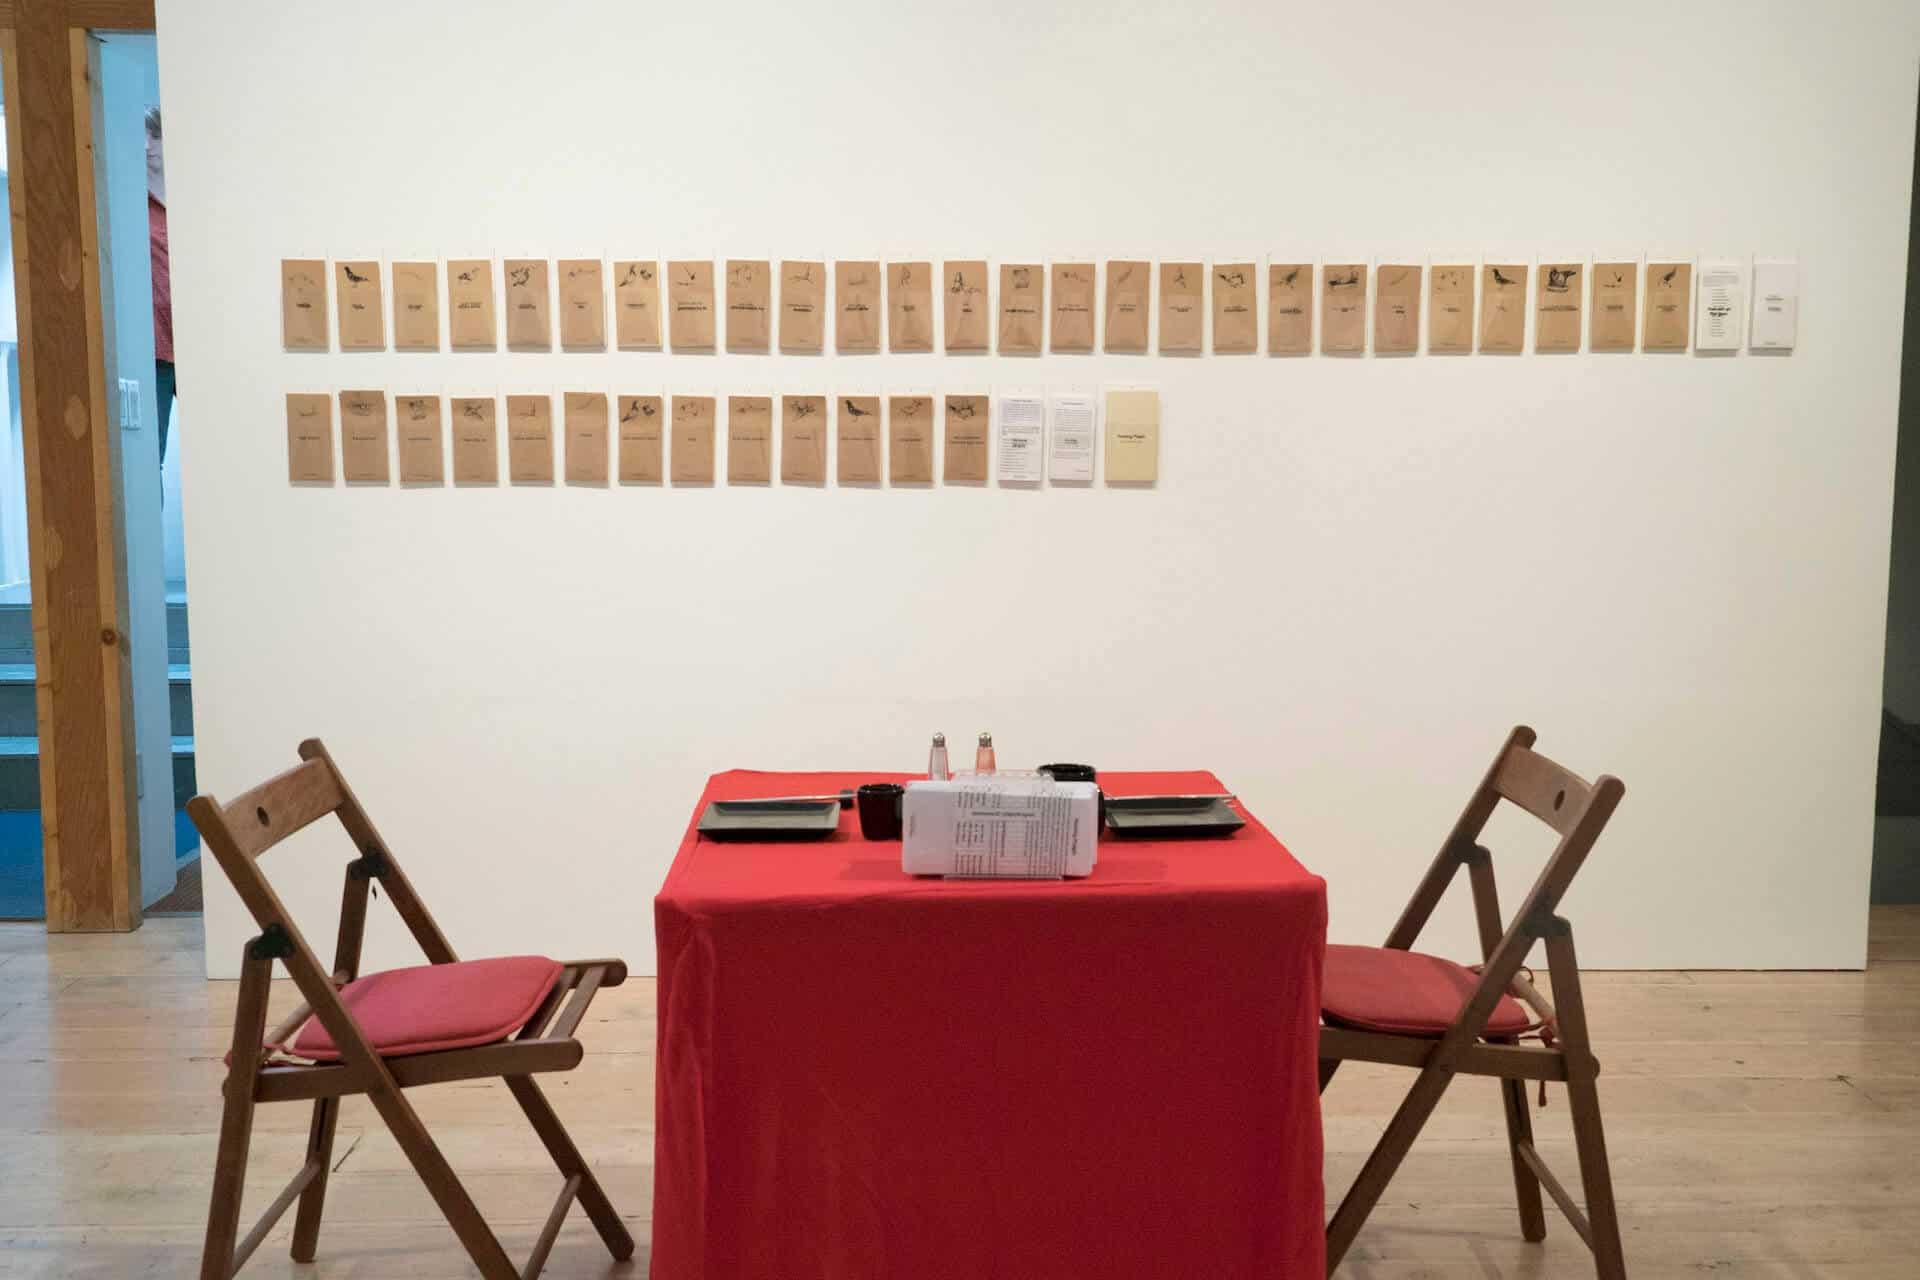 Haruko Okano. Homing Pidgin. 2006/2017. Installation view